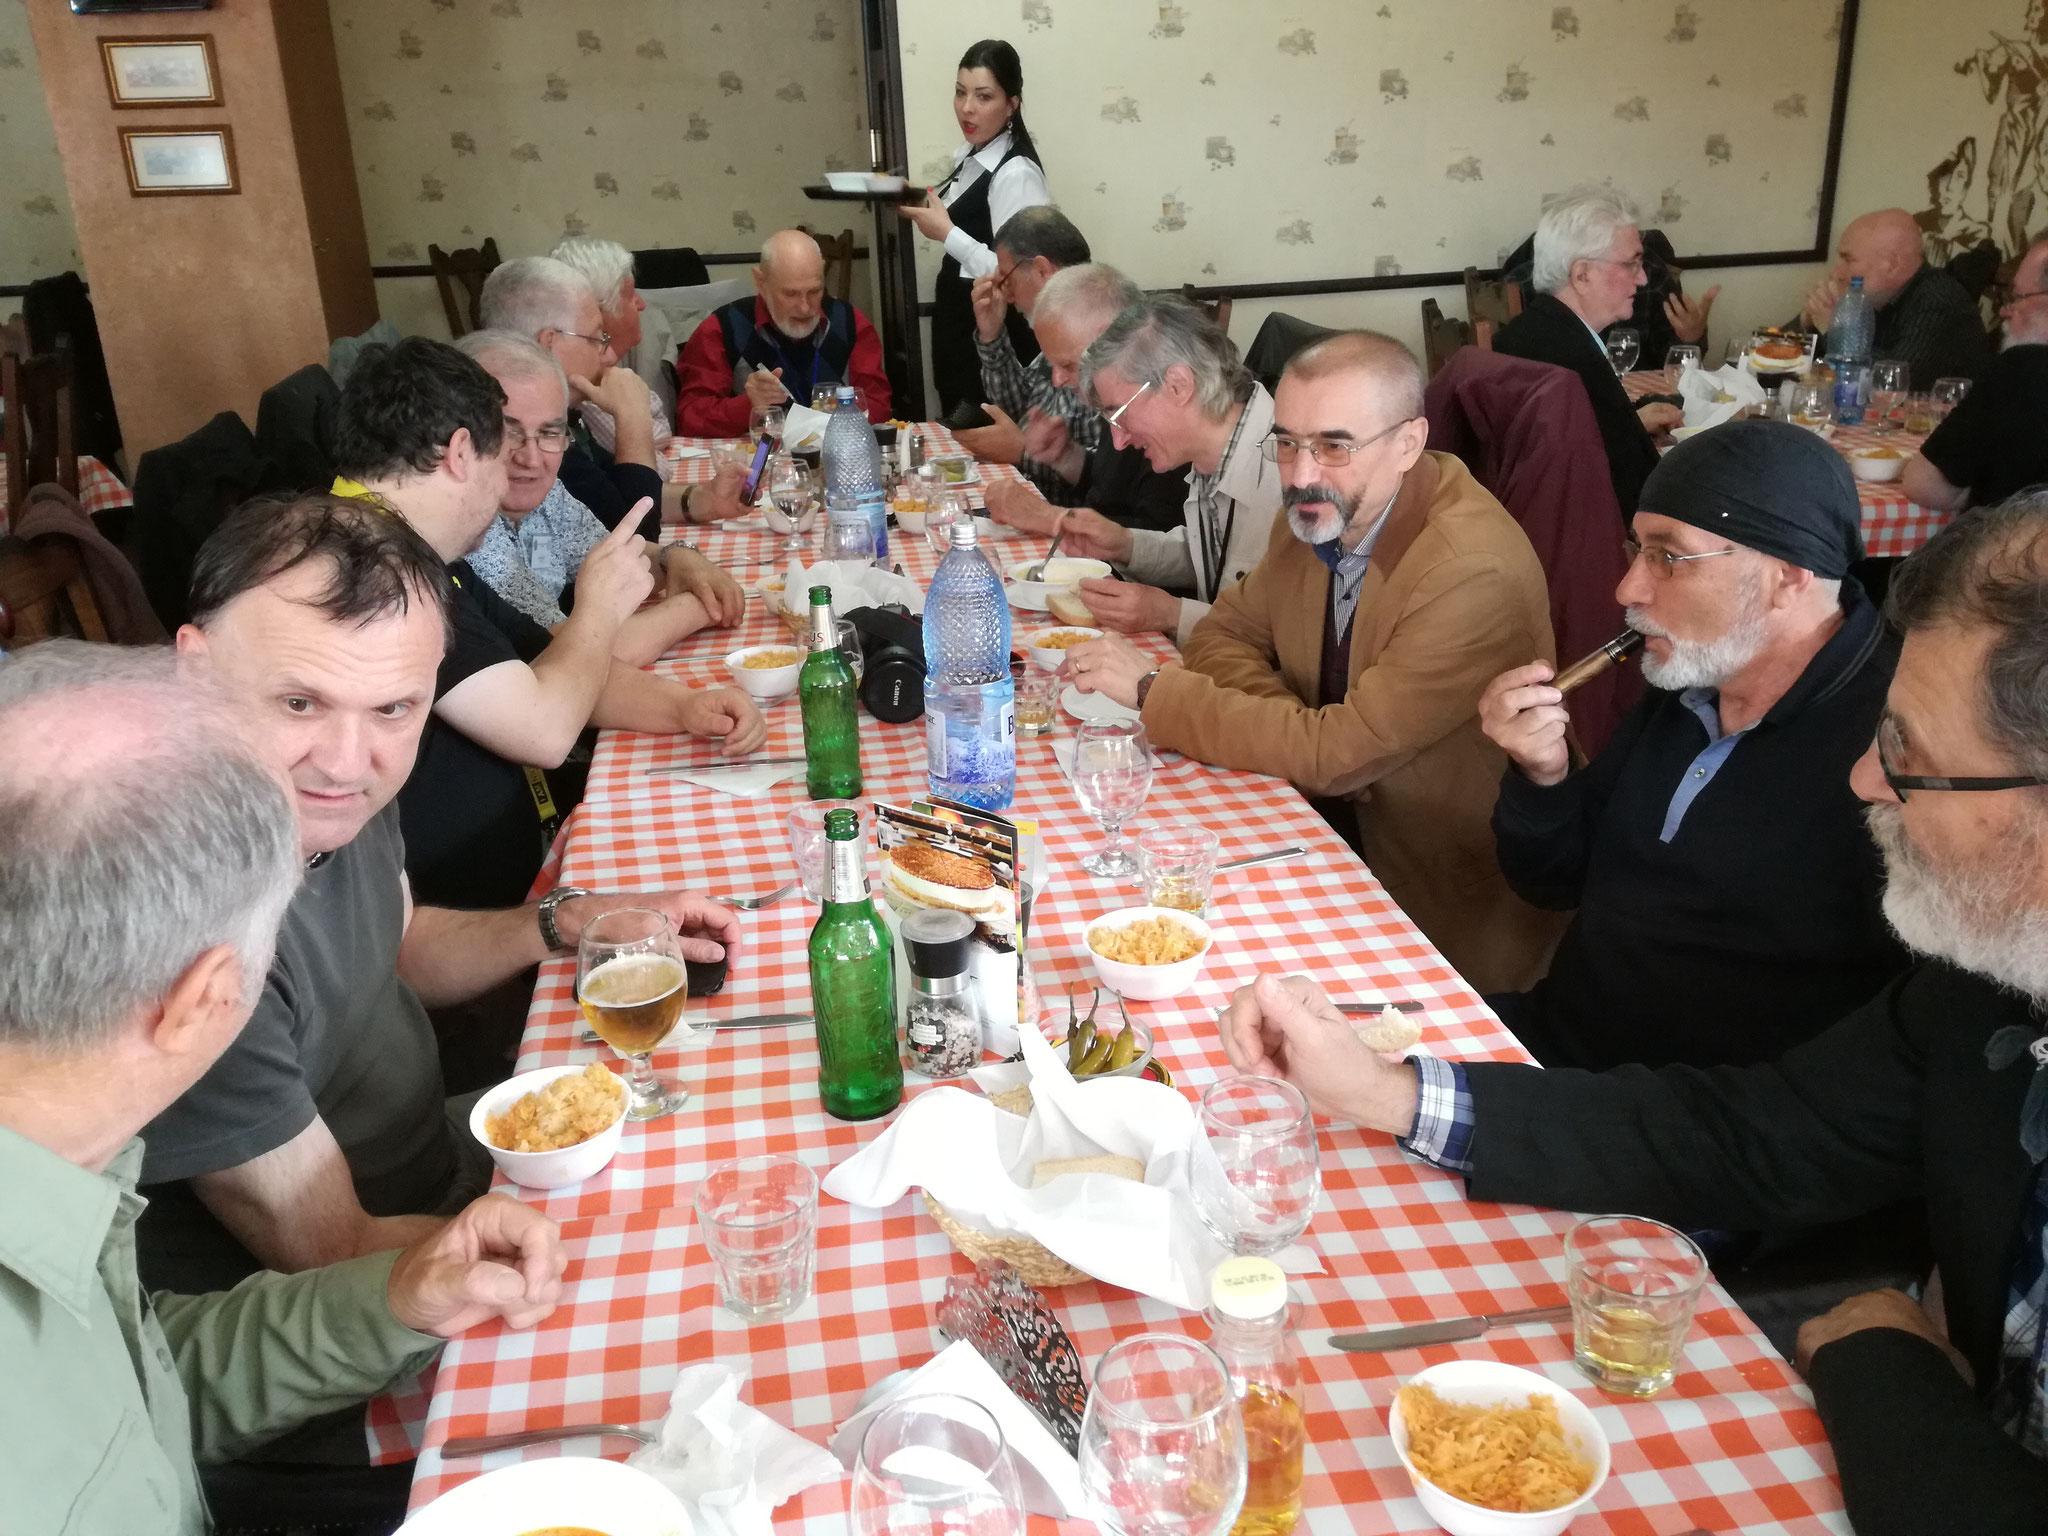 Európai Fotográfiai Fesztivá résztvevőinek jó étvágya